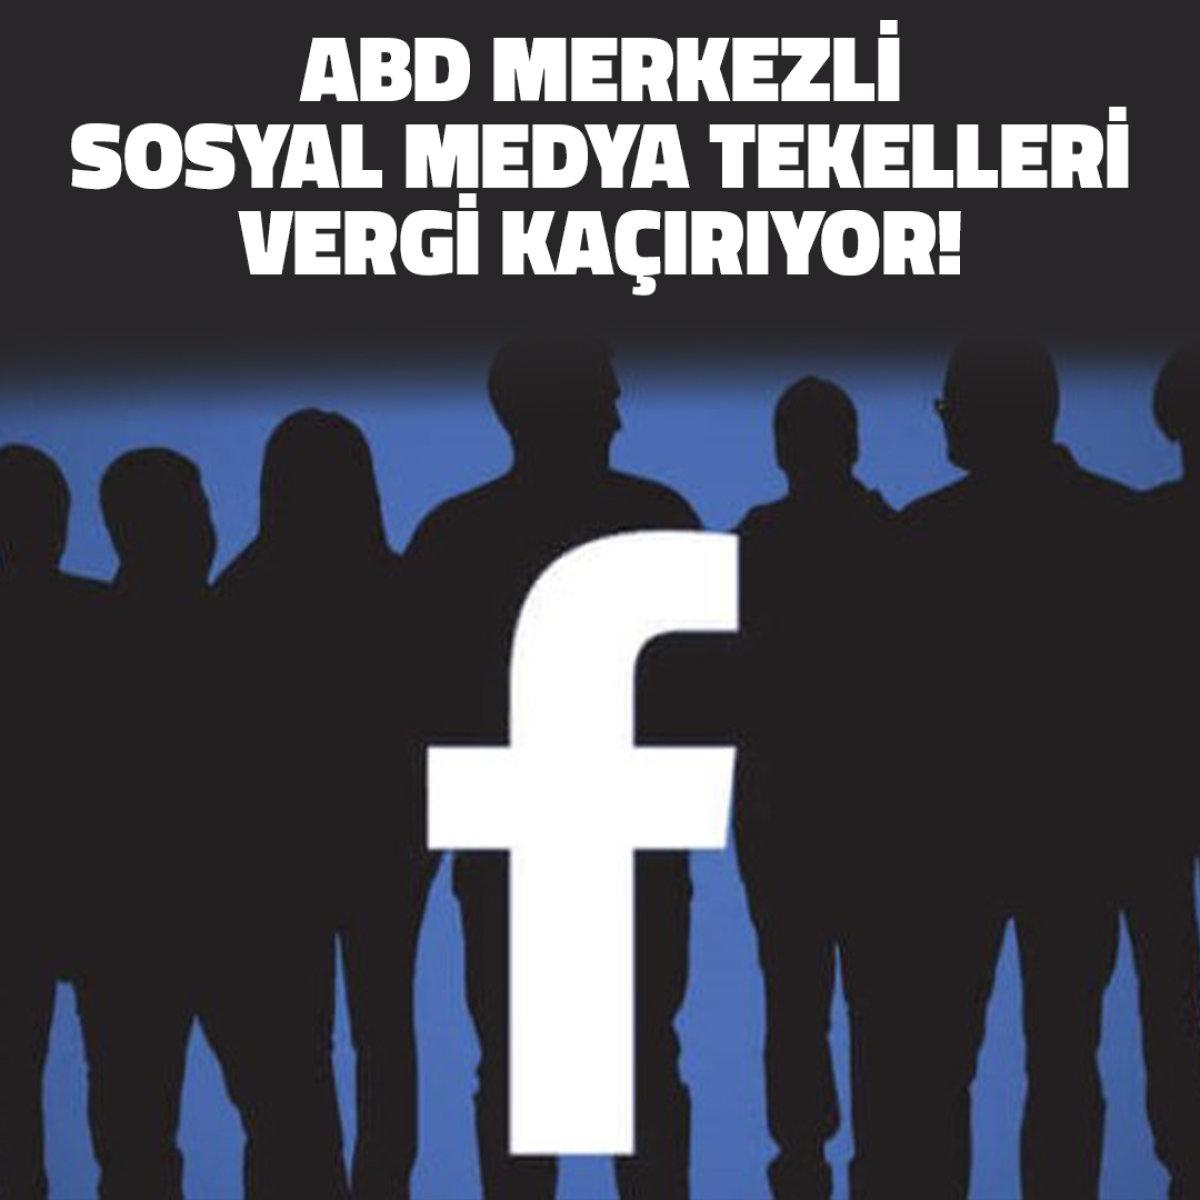 Reklam Verenlerden KDV Kesen Facebook'un Devlete Bilgi Vermediği Ortaya Çıktı!